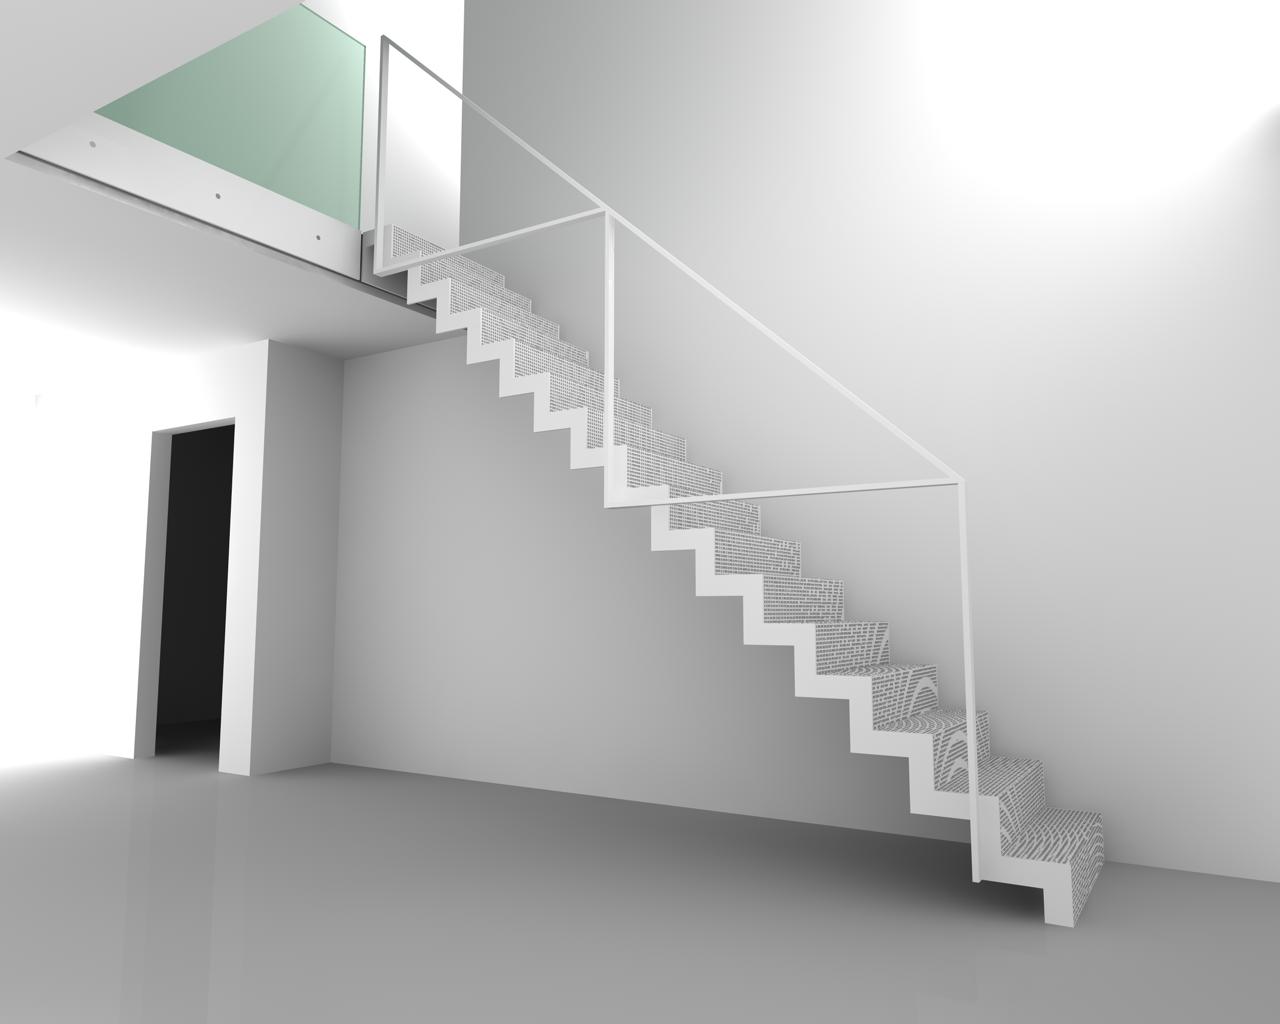 Ons toekomstige huis trap of niet